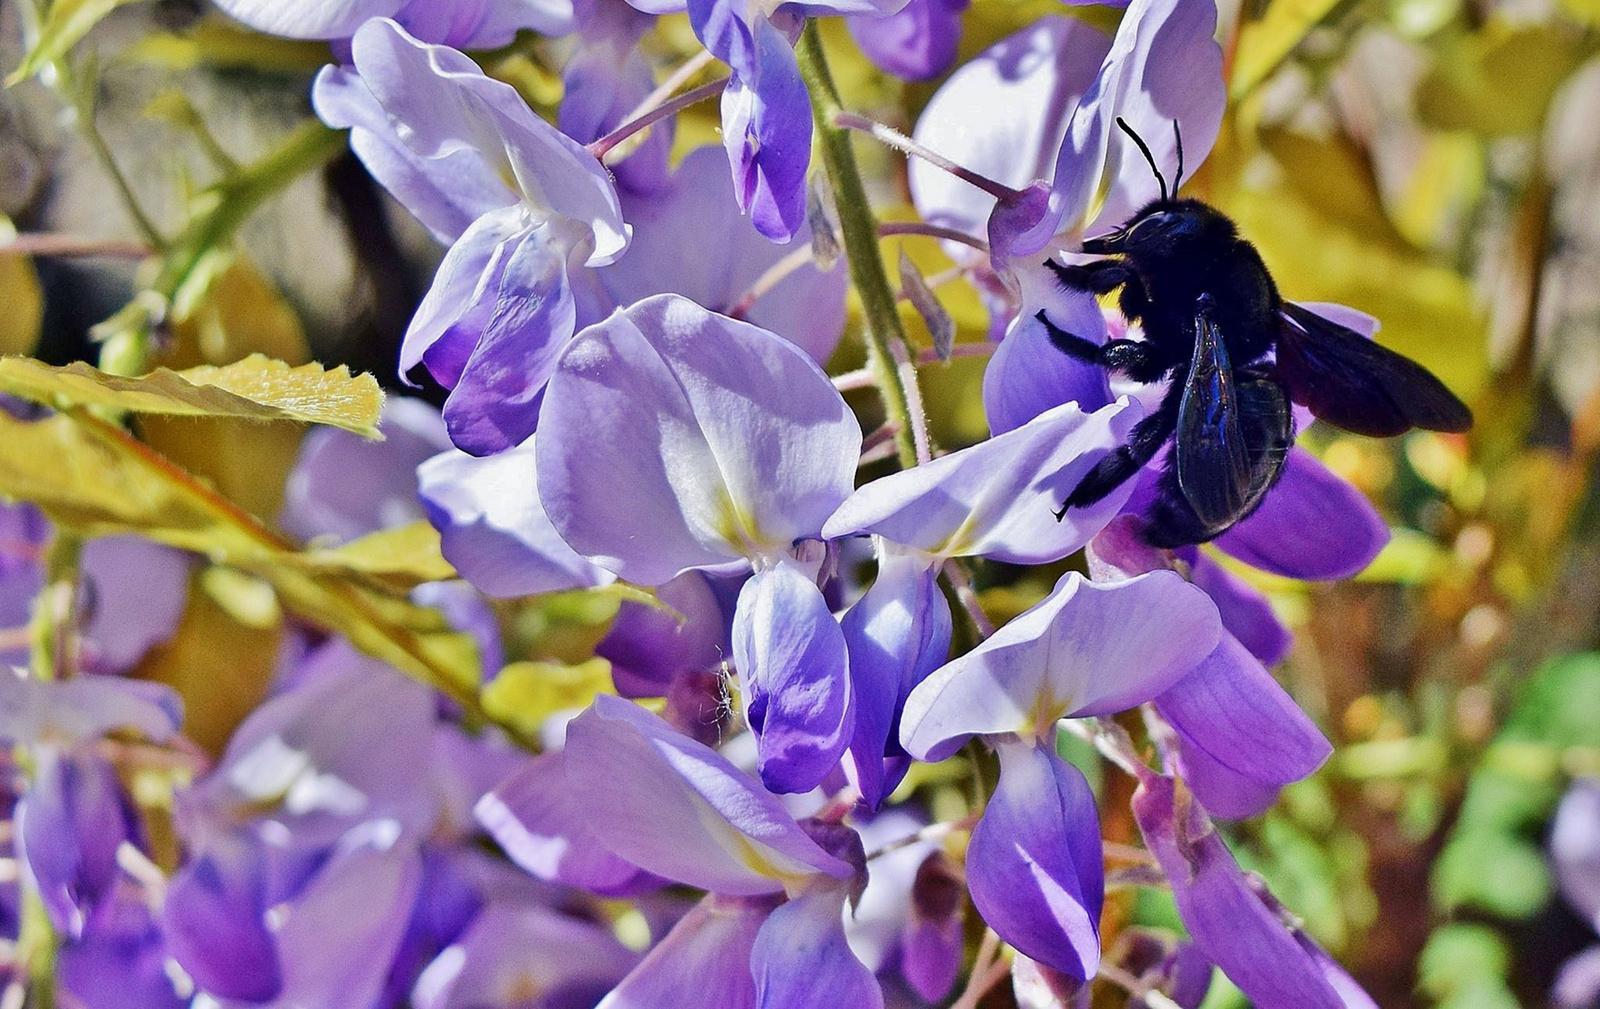 Kék fadongó a lila akácon